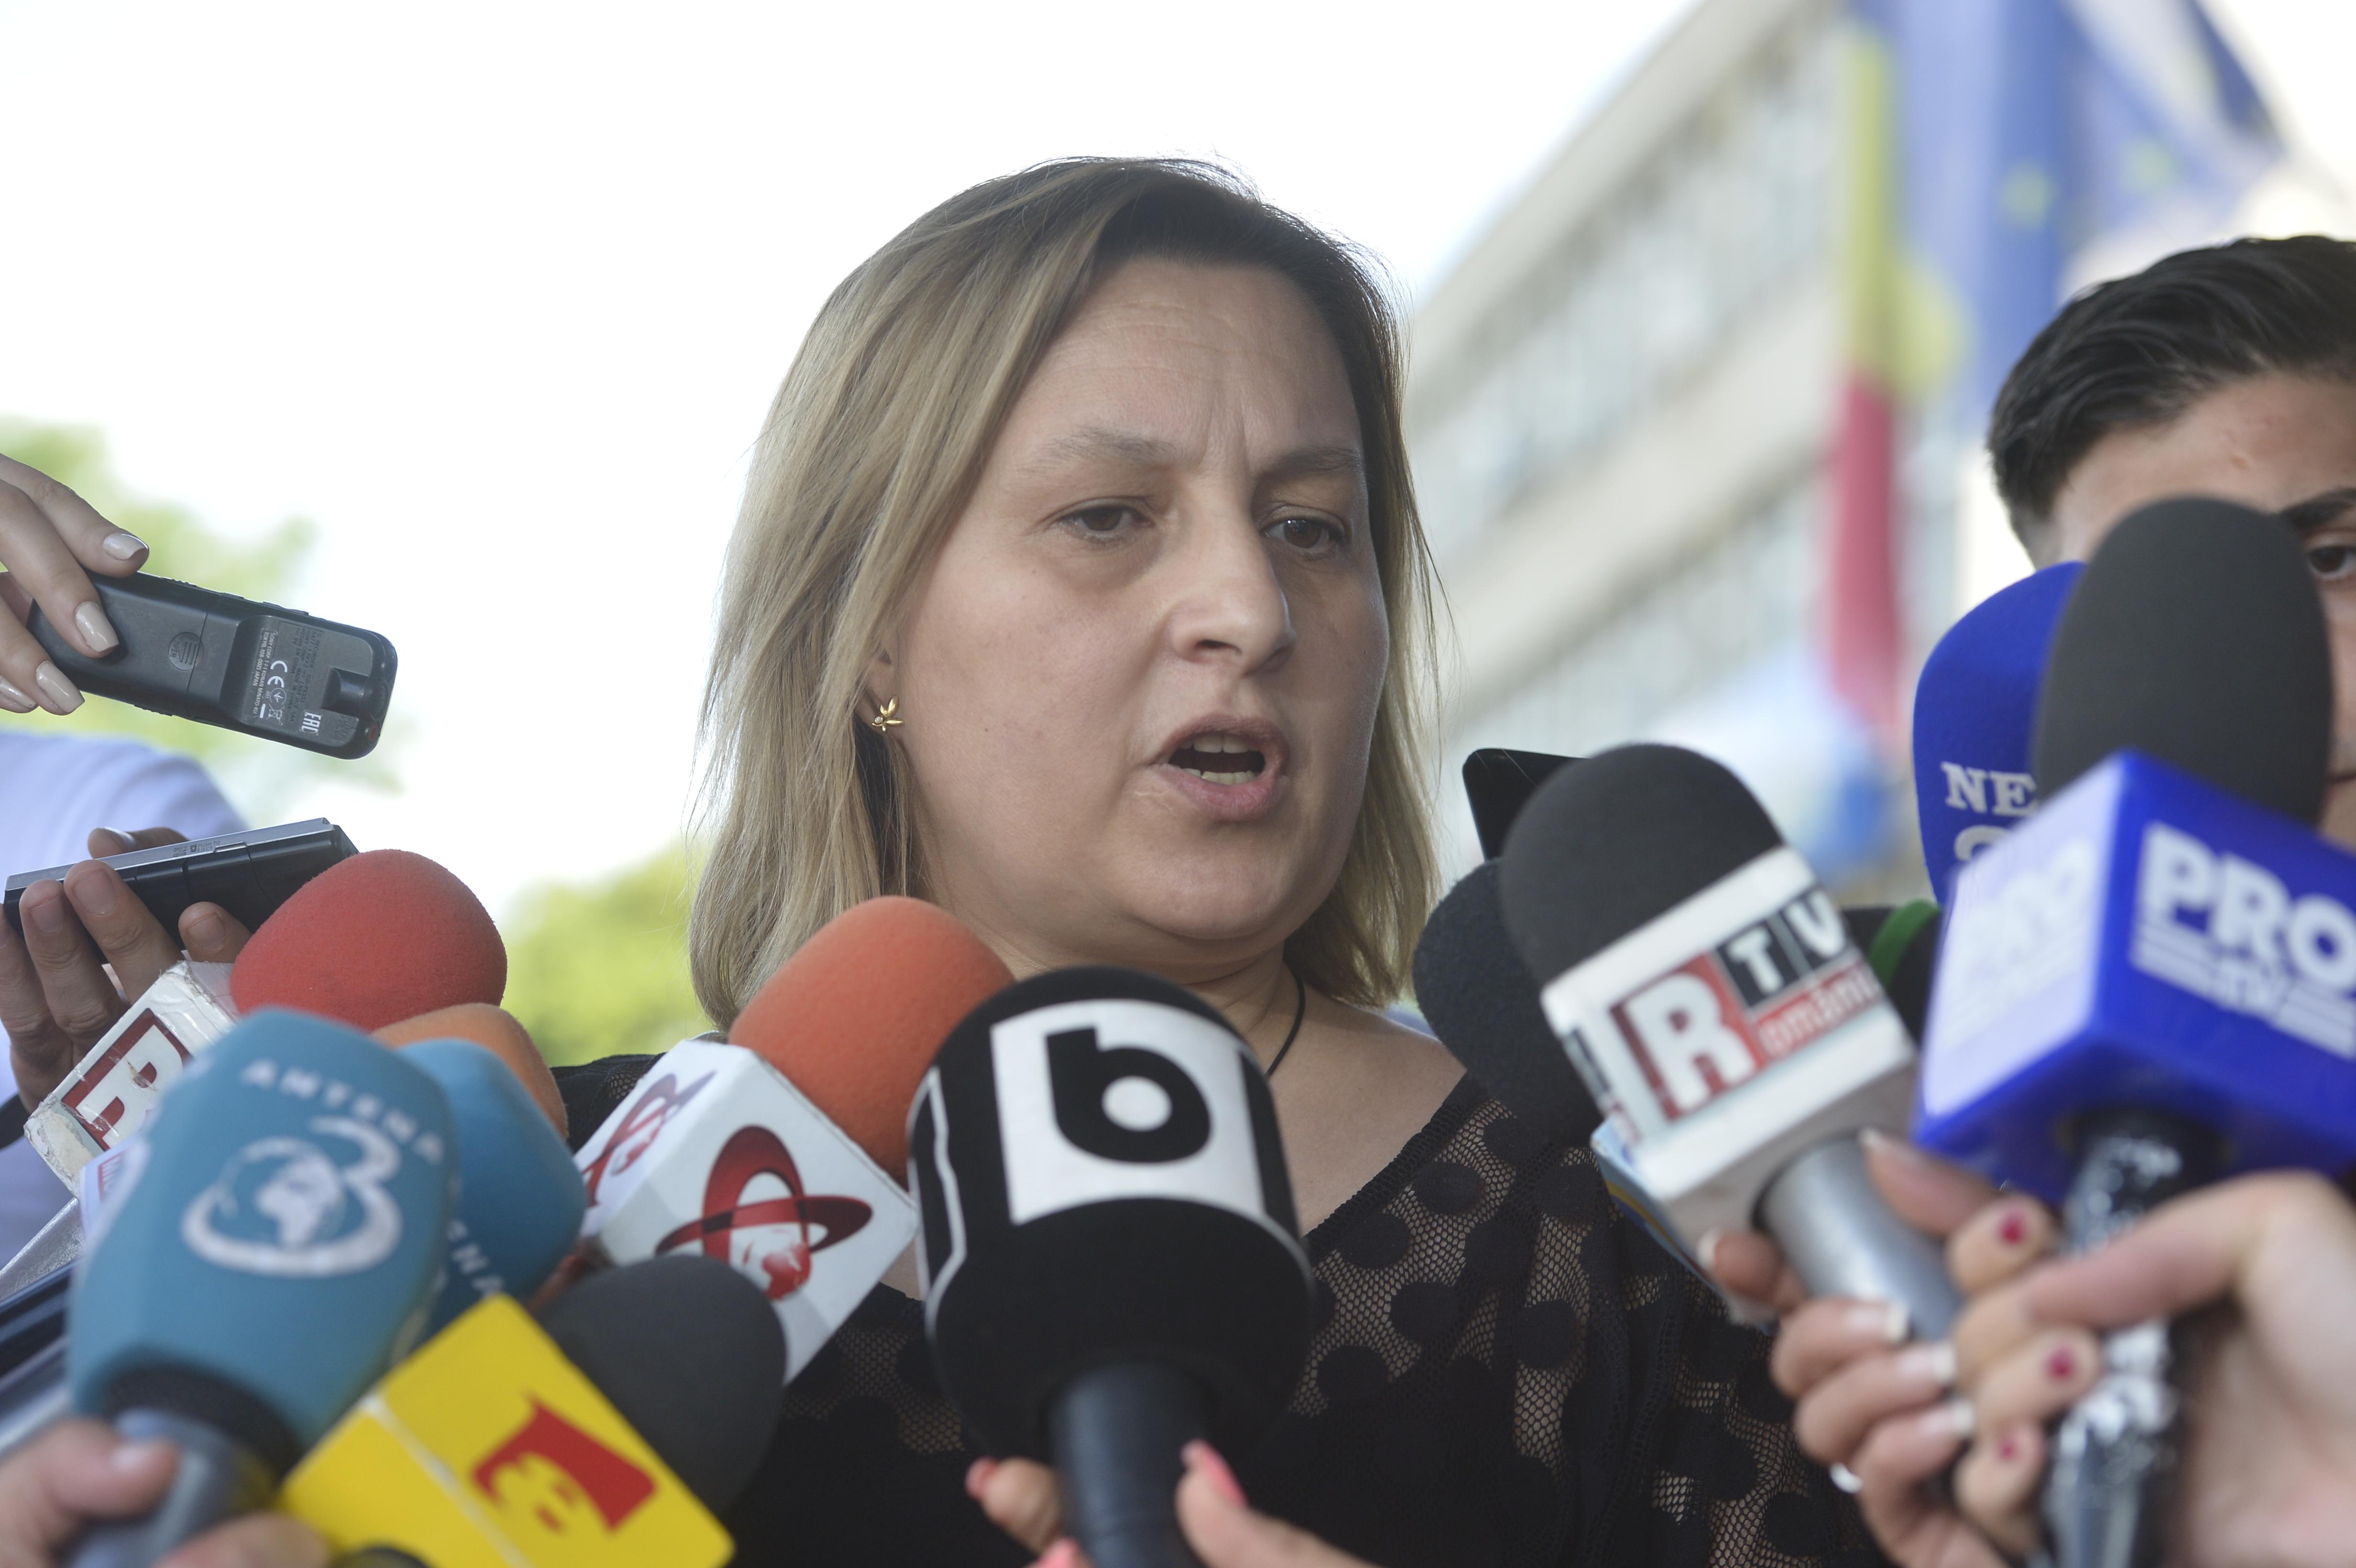 Secţia de Procurori din CSM a respins cererea de transfer depusă de procurorul Mihaela Iorga